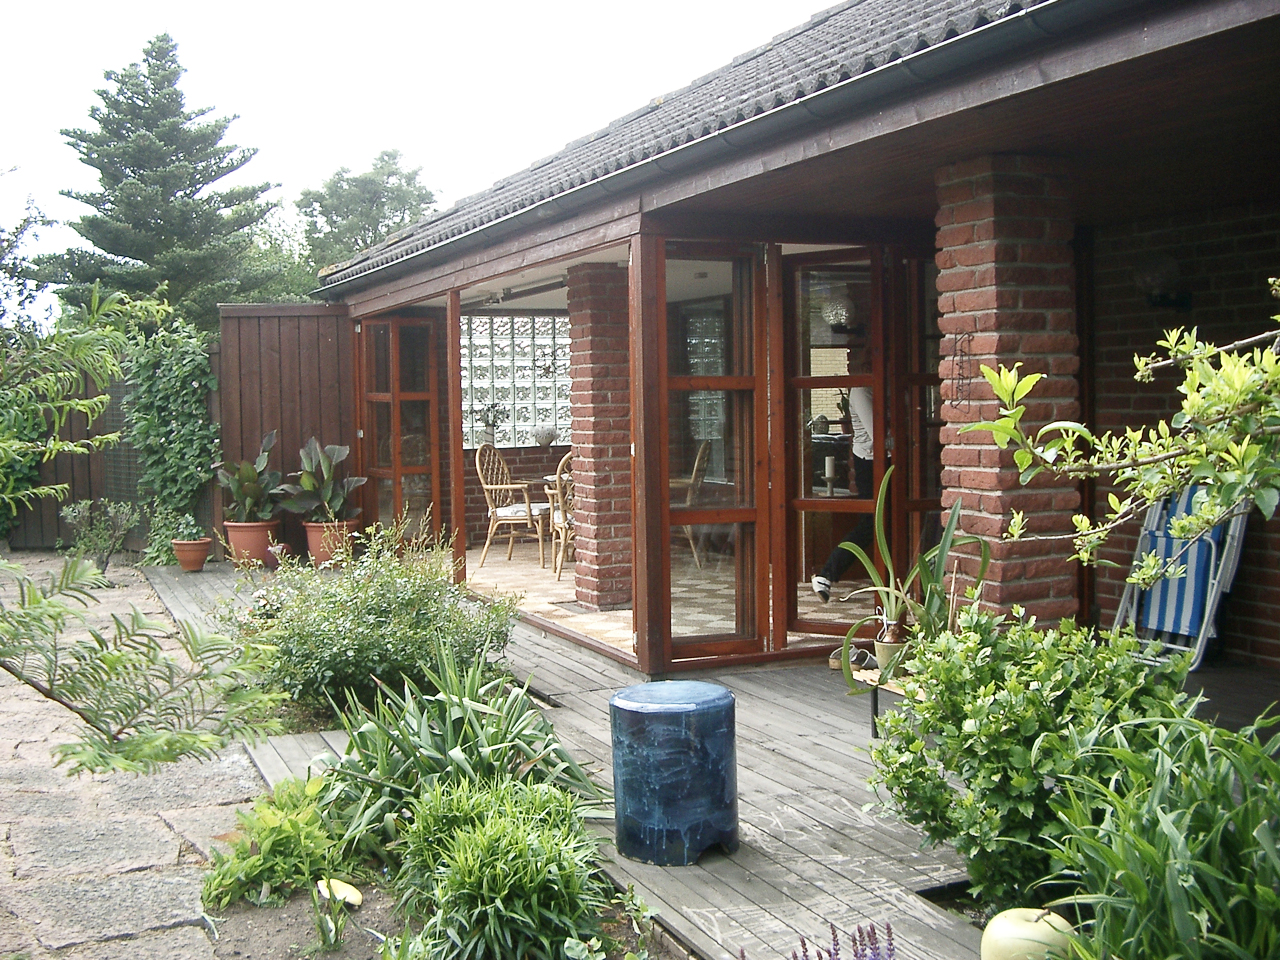 Cattis och eiras trädgårdsdesign: juni 2012